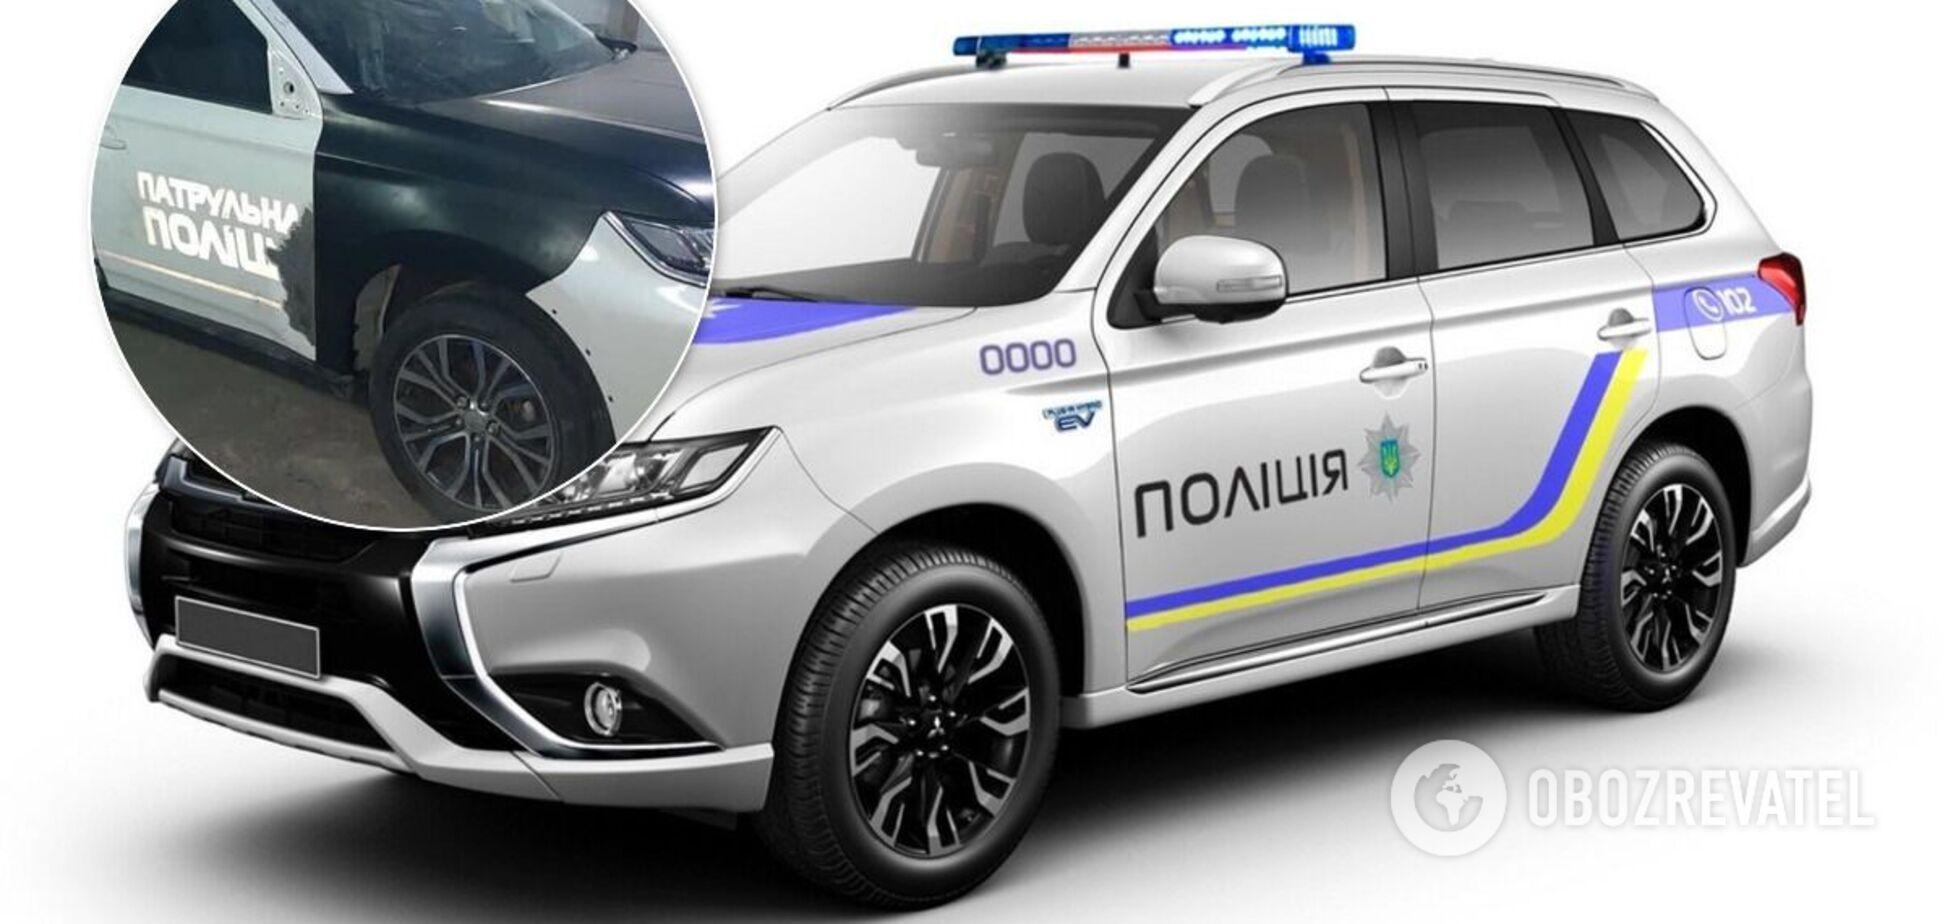 Автомобіль патрульної поліції став донором для 'битка' зі США